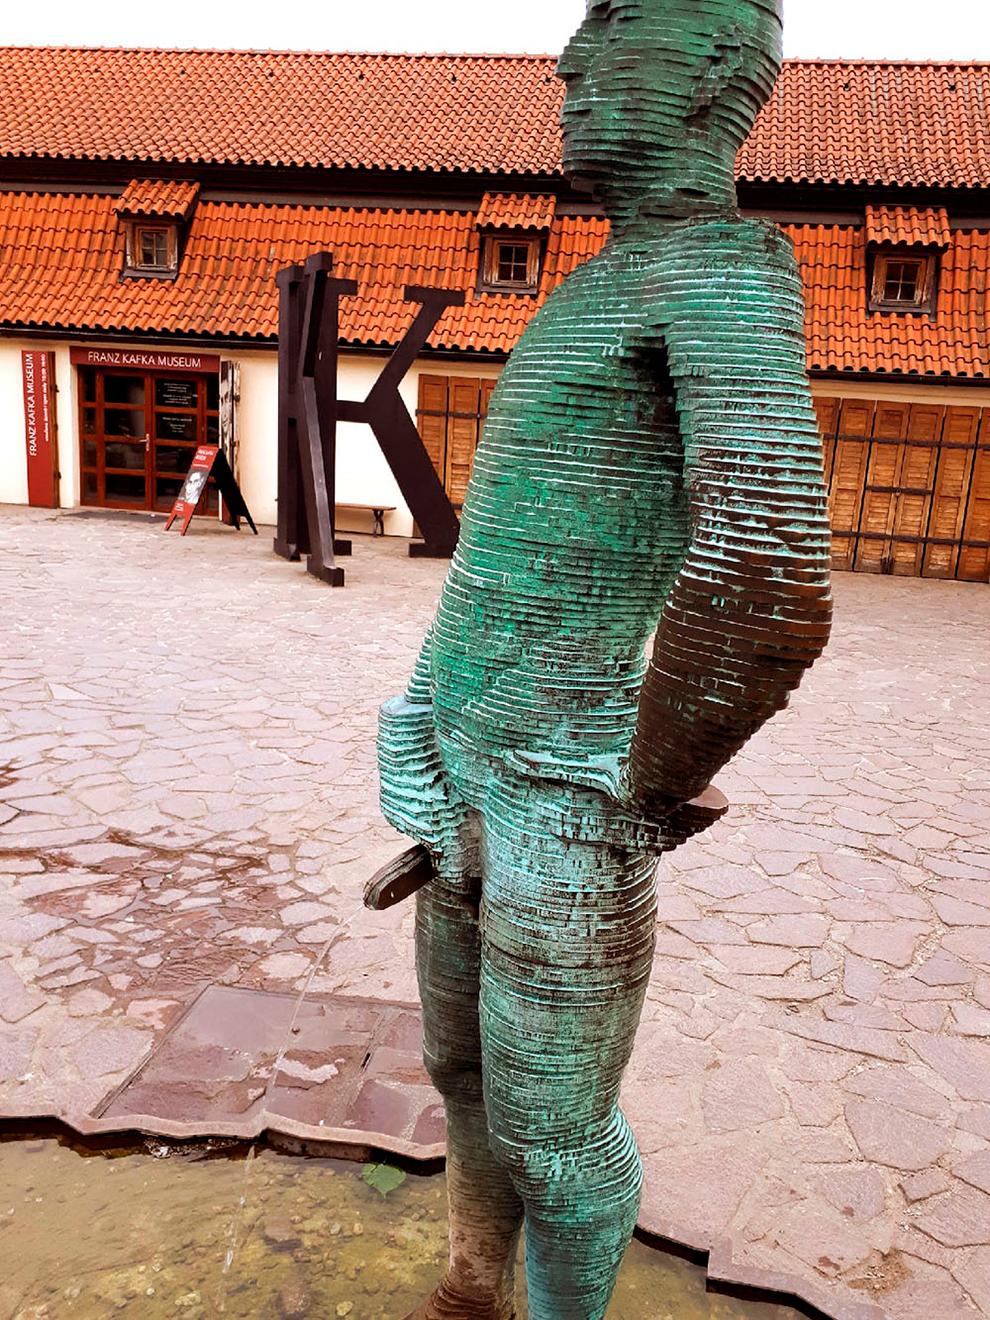 Если отправить смс с текстом на номер +42072 437-07-70, статуи постараются «выписать» послание